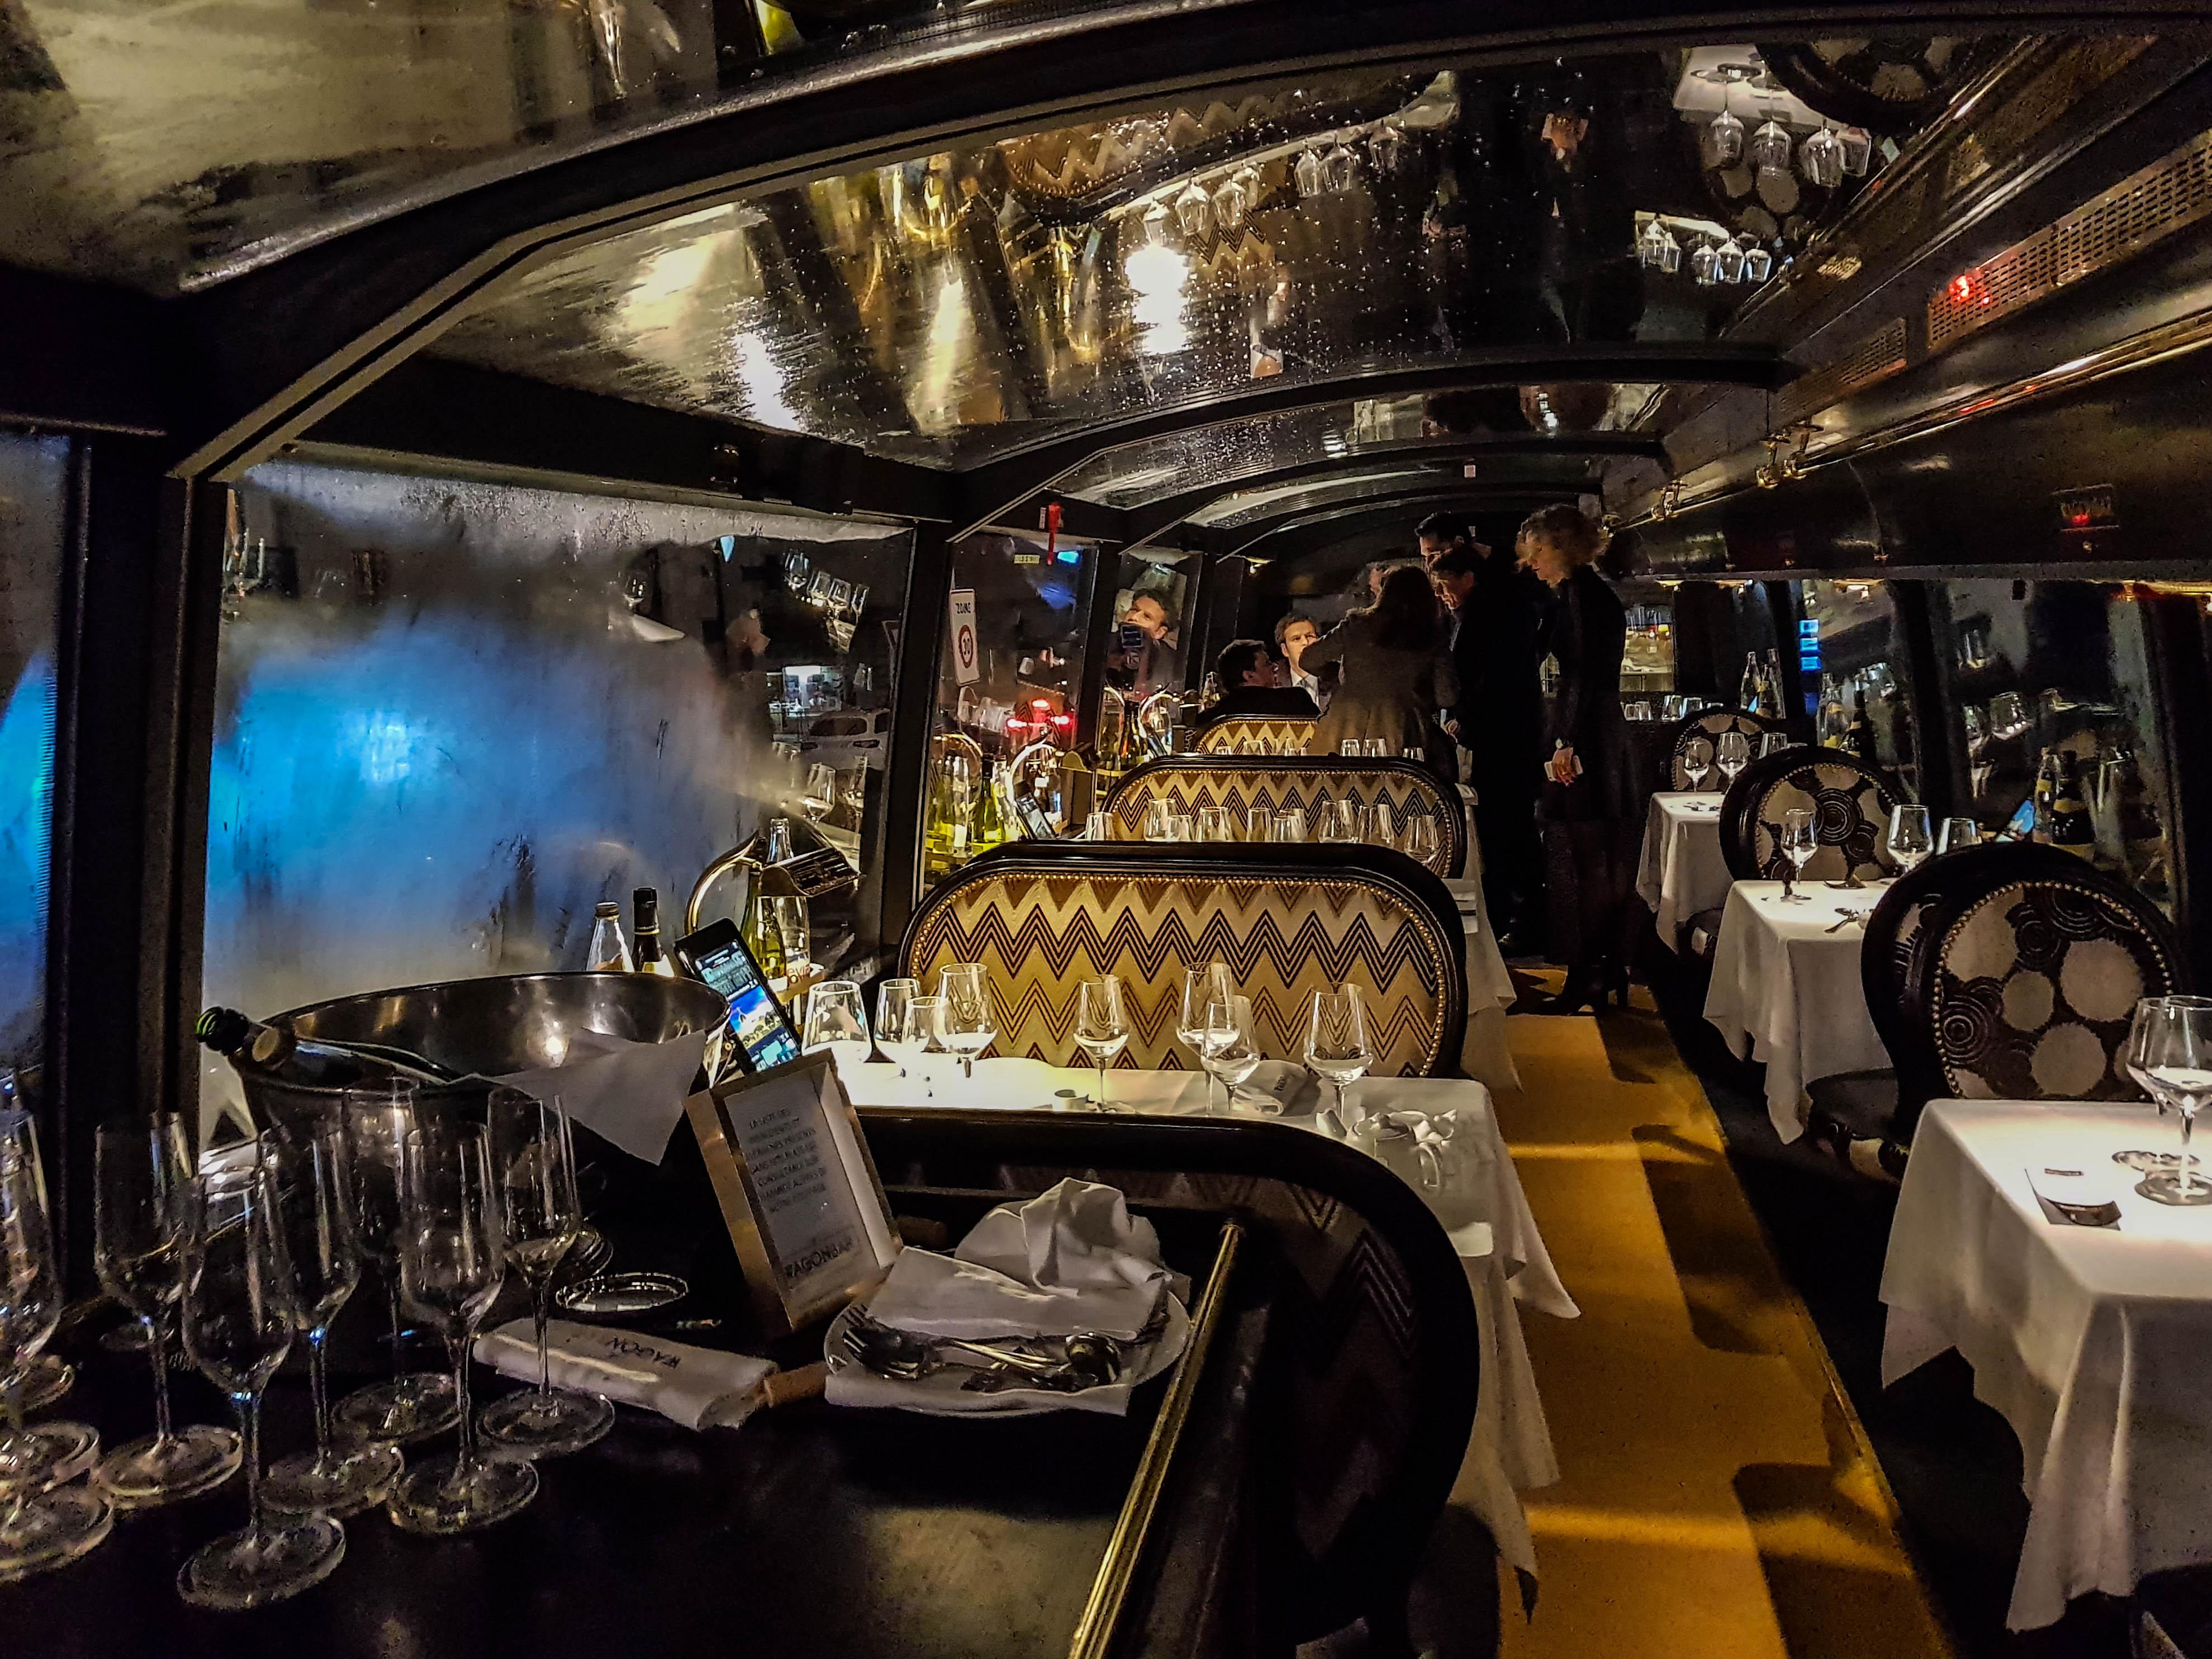 Le Wagon Bar - Test du bus restaurant de Lyon 2